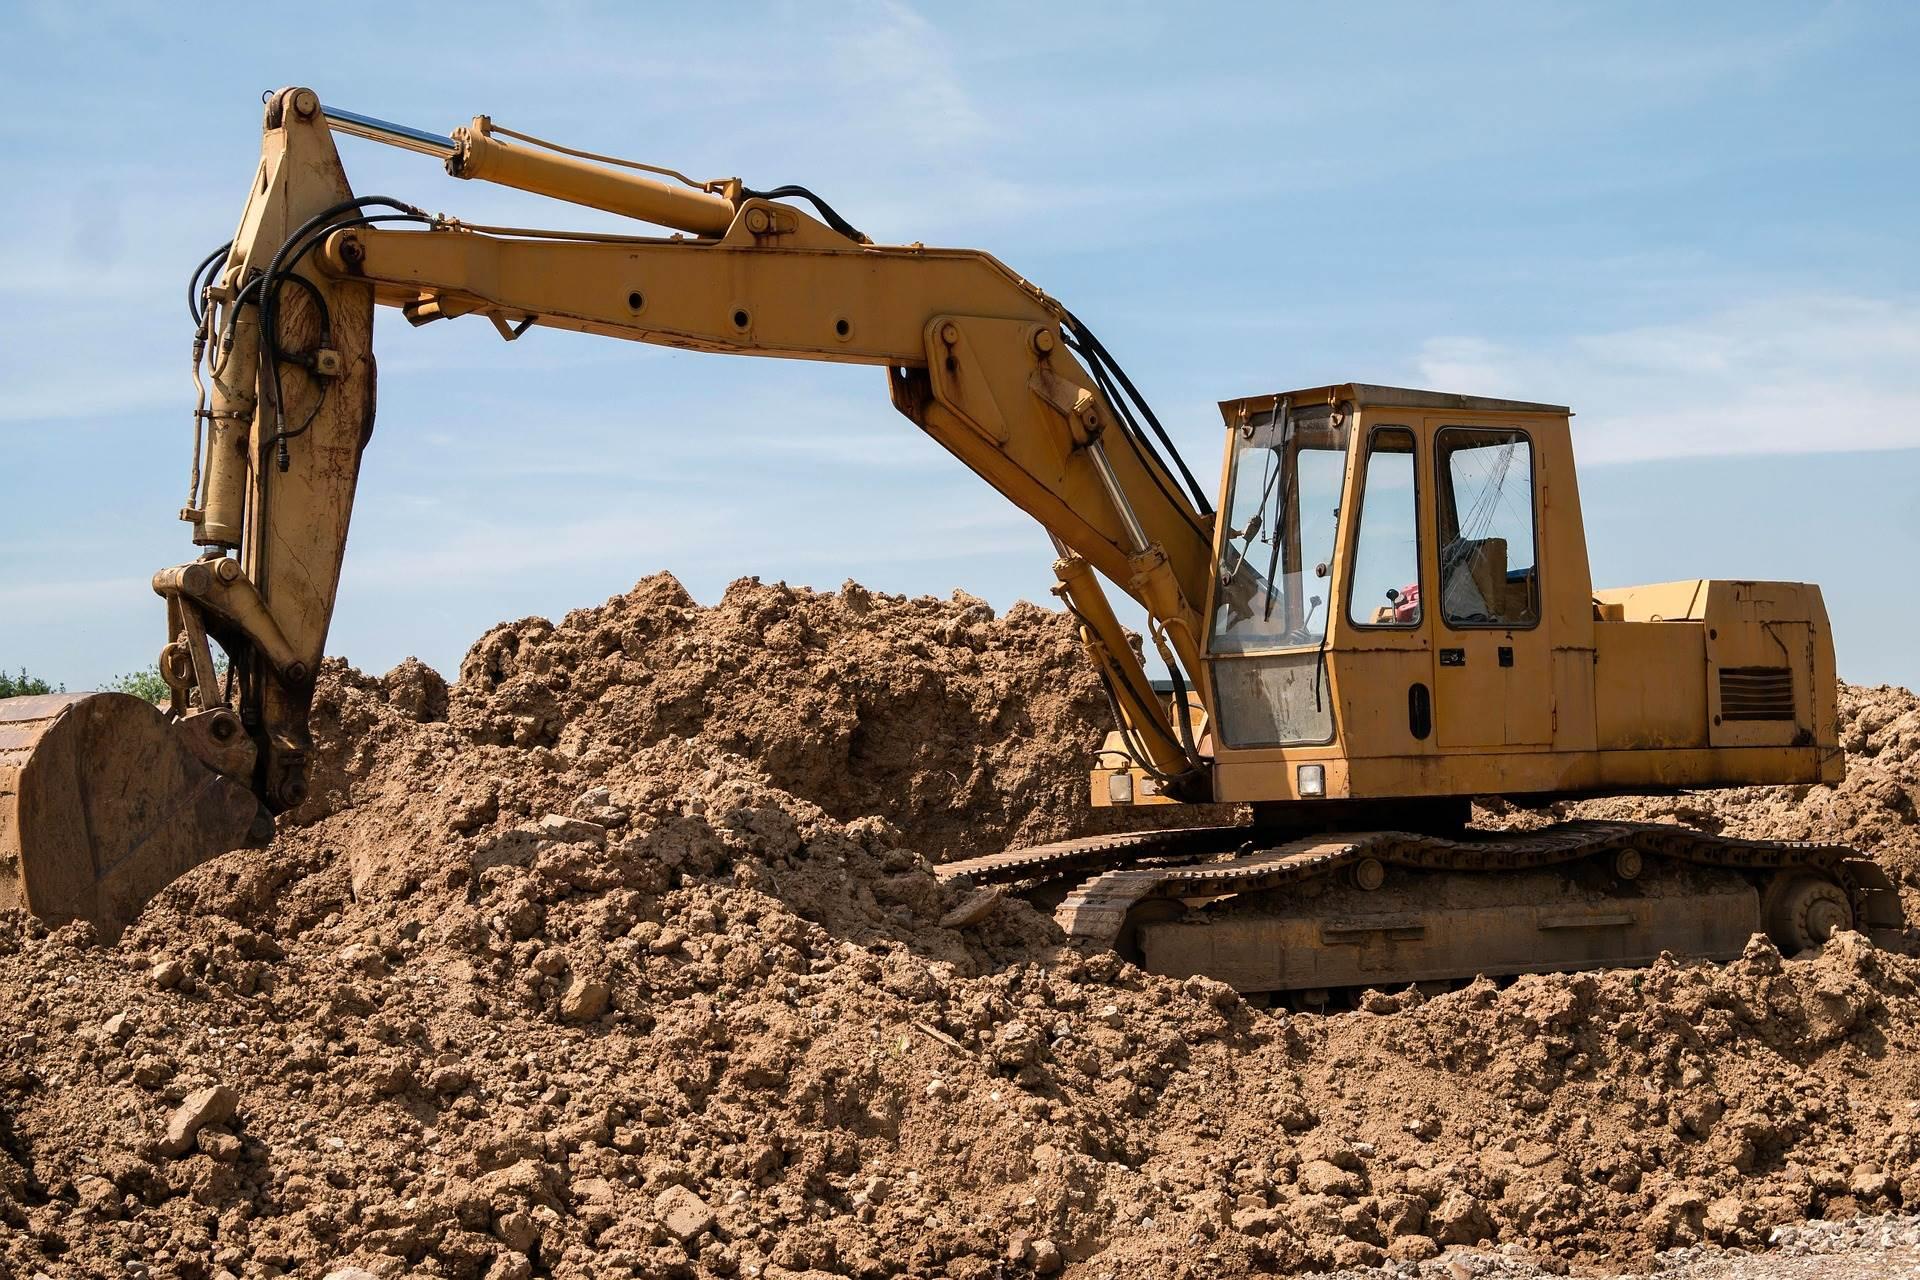 דואגים לצעירים. בנייה |צילום: www.pixabay.com